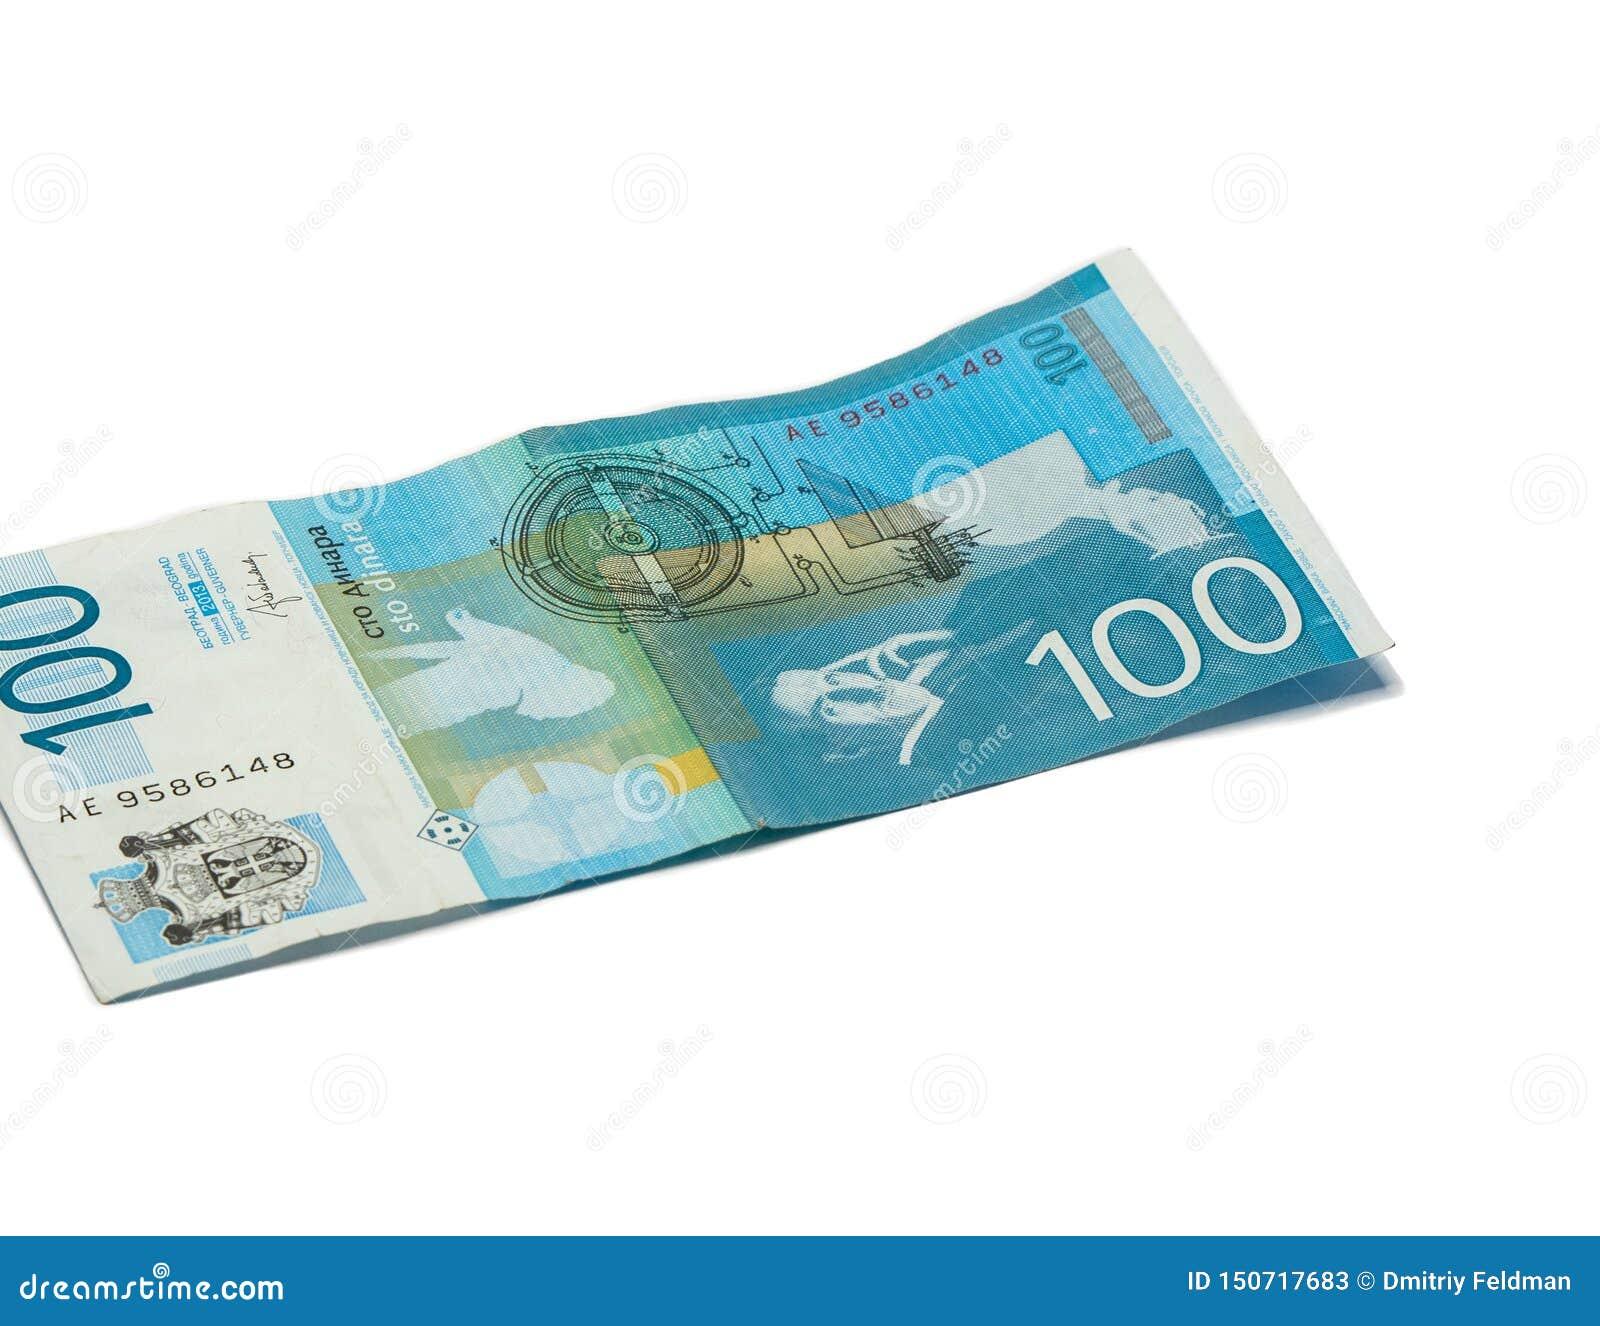 Jeden banknot warty 100 Serbskich dinarów z portretem naukowiec Nikola Tesla odizolowywająca na białym tle nowator i